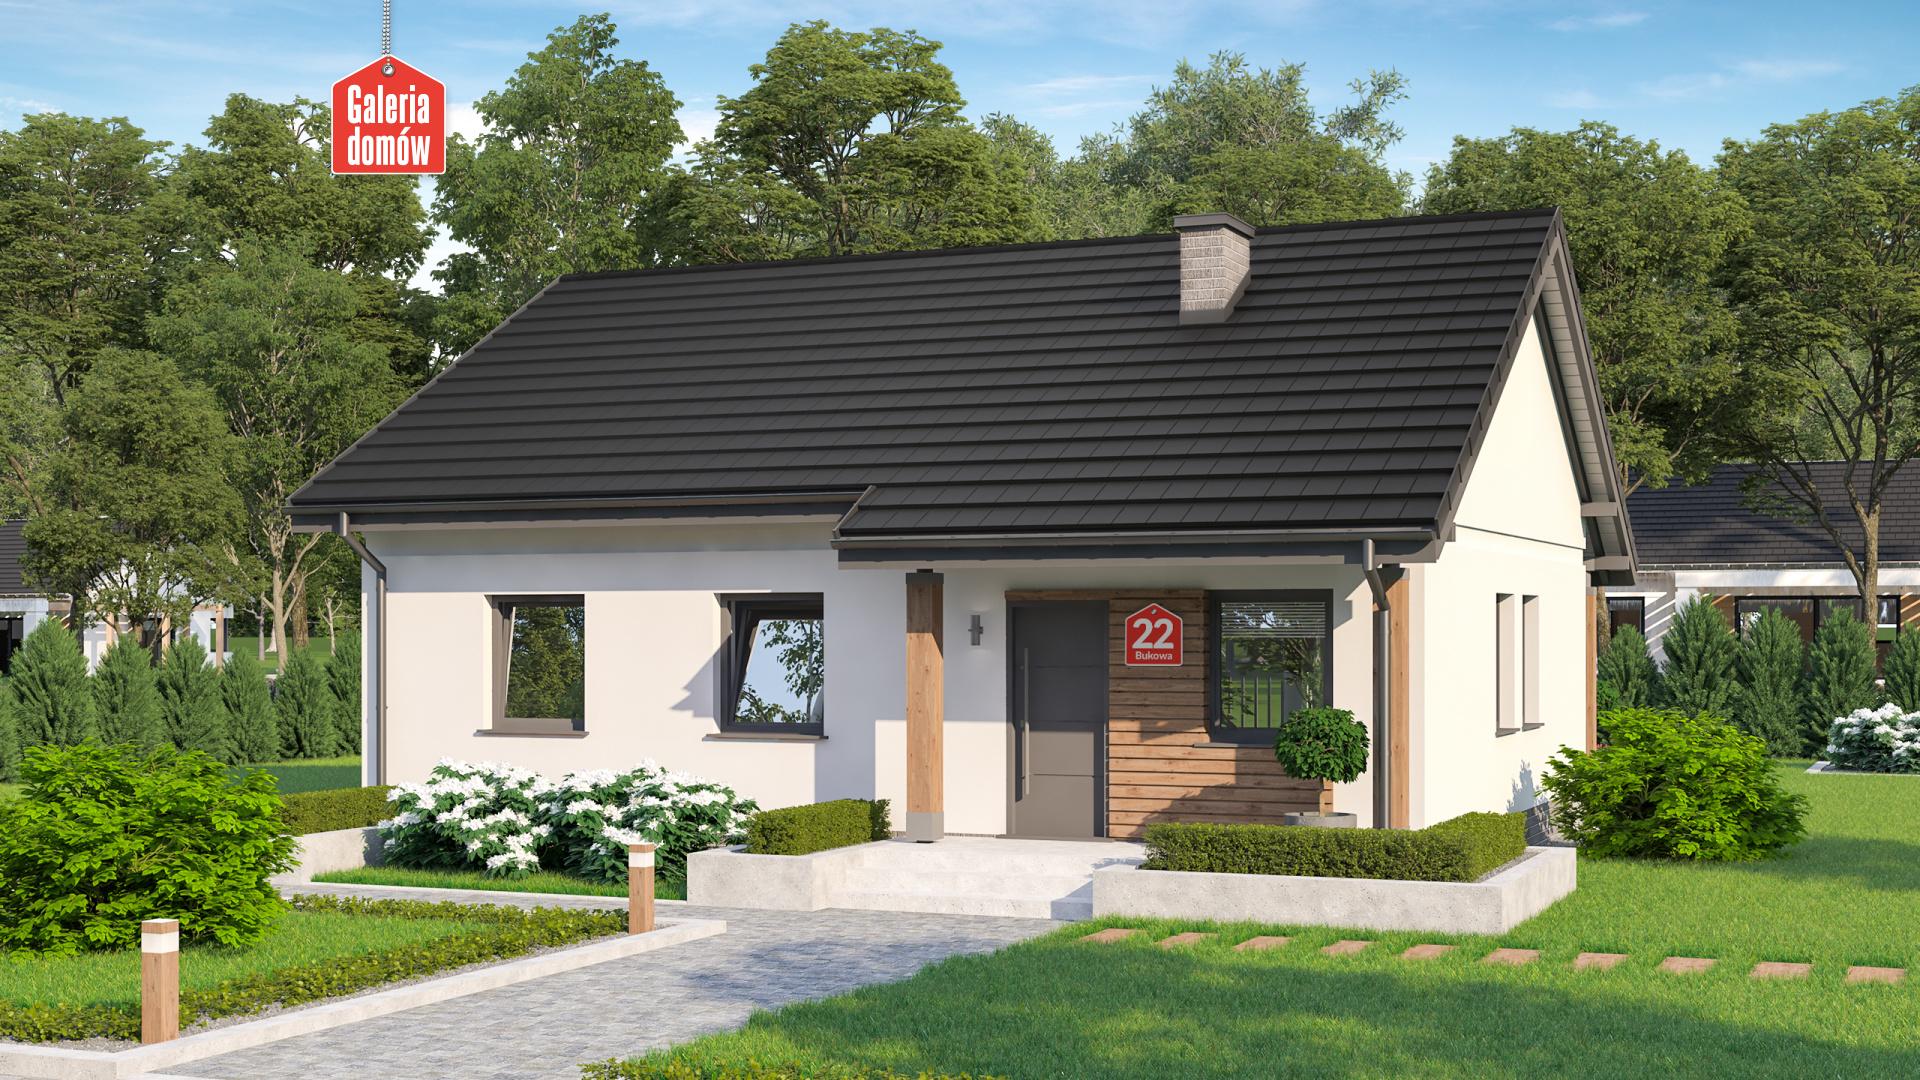 Zdjęcie projektu i wizualizacja: projekt domu Dom przy Bukowej 22